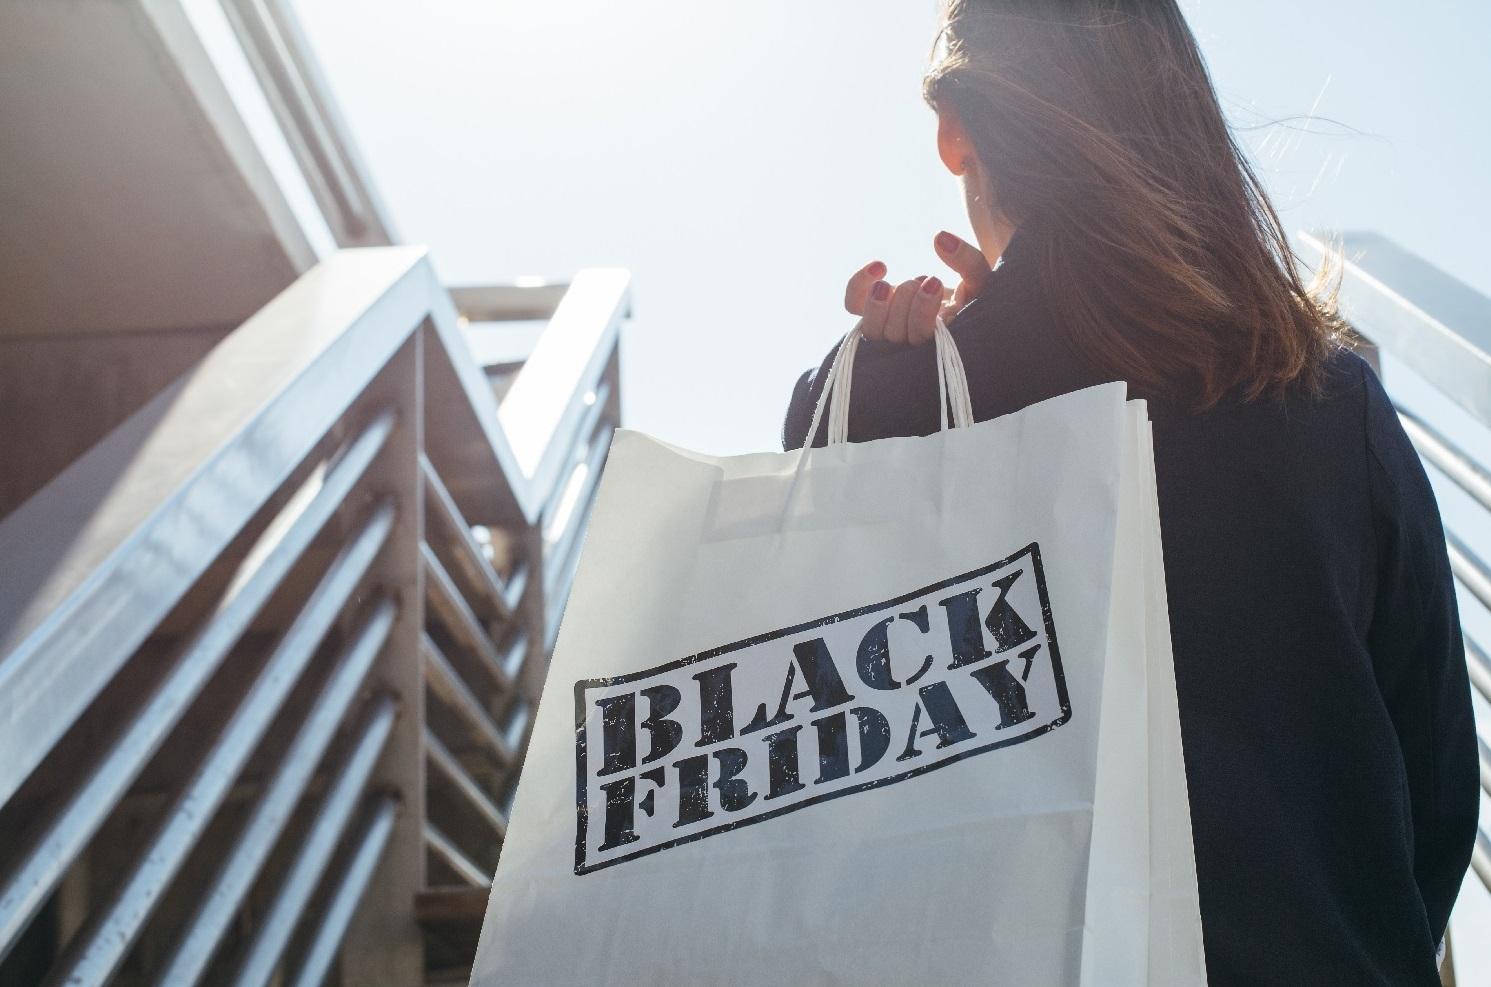 Black Friday: kereslet van, kínálat nincs?